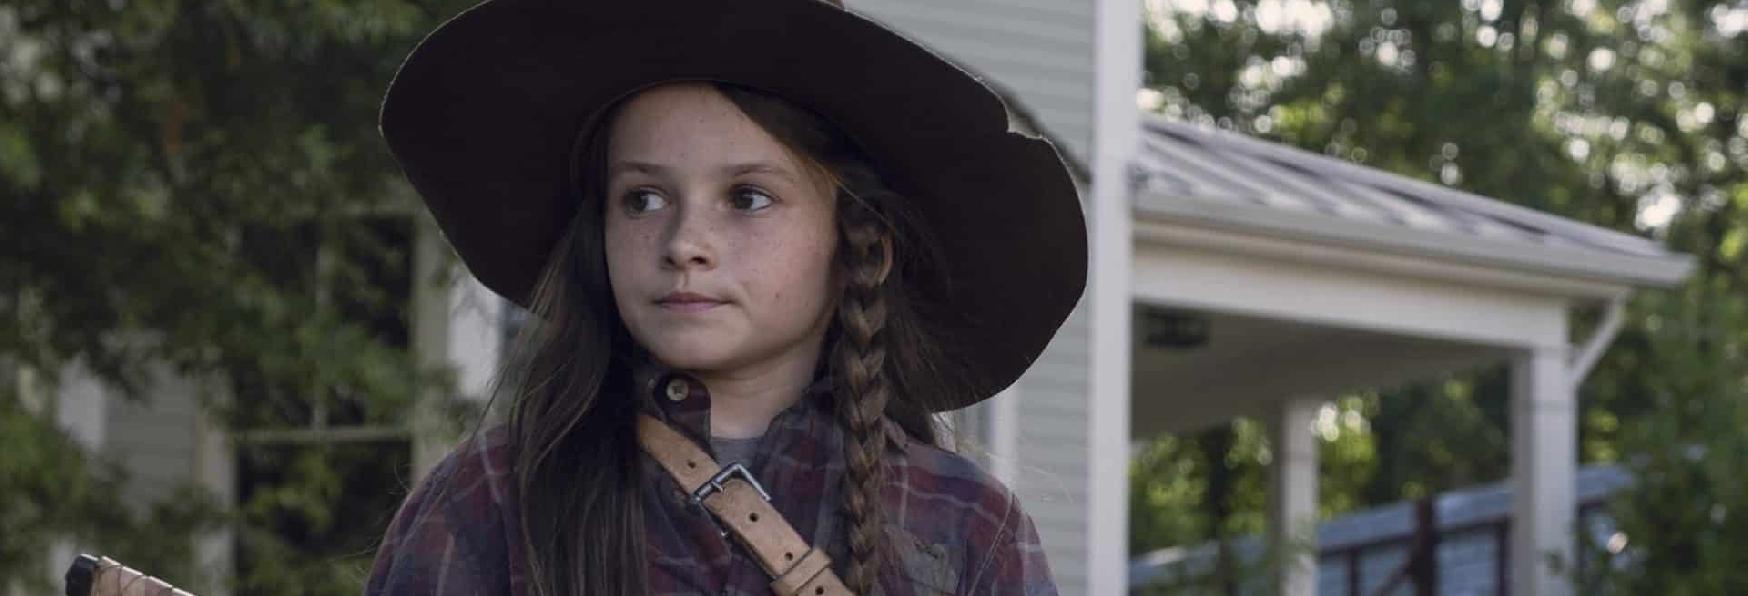 Cailey Fleming (Judith Grimes) parla della 10° Stagione di The Walking Dead